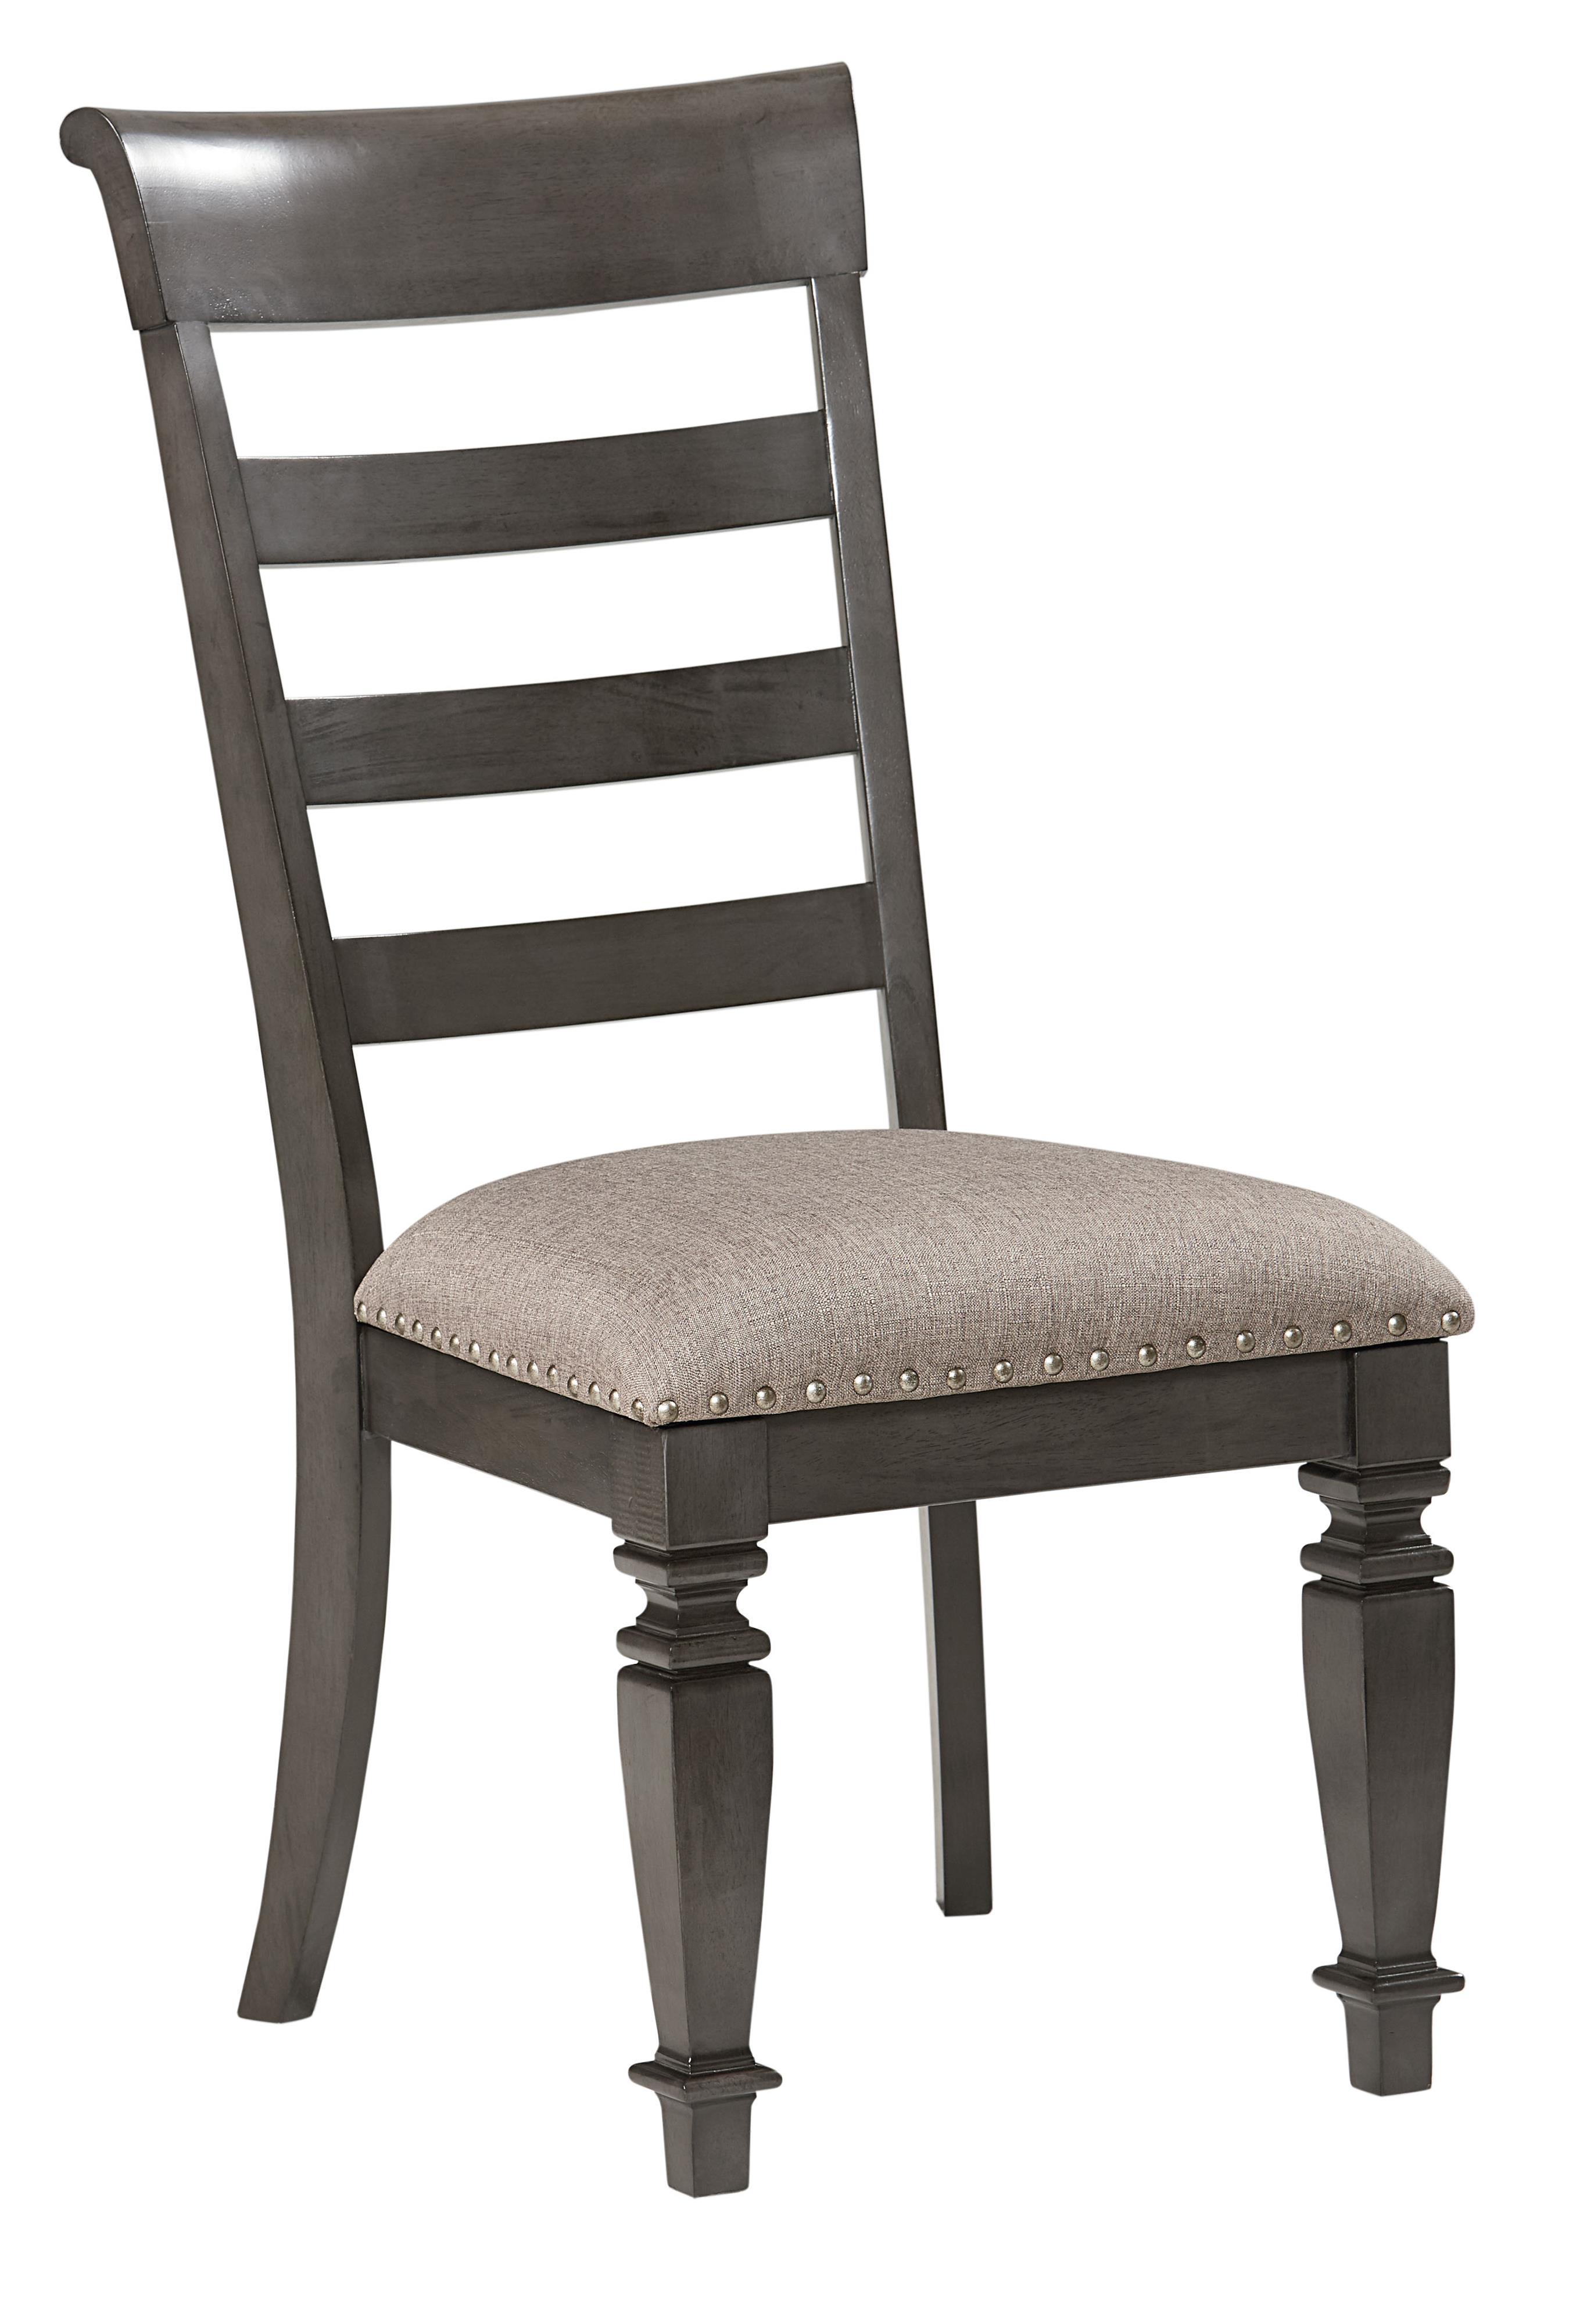 Standard Furniture Garrison Traditional Upholstered Side